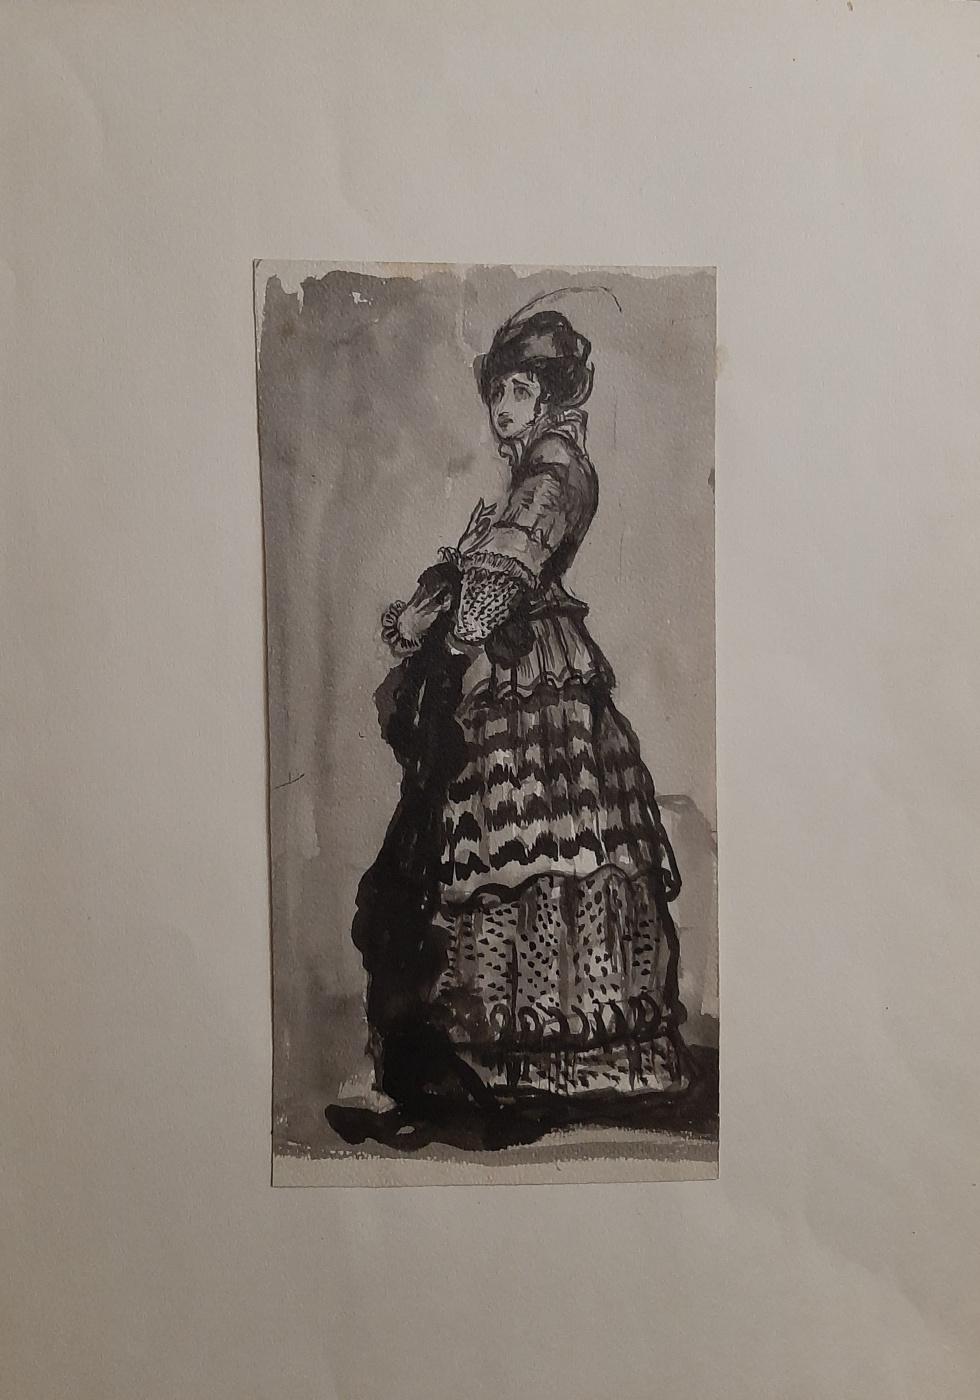 Natalia Nikolaevna Agapieva - Zakharova. Portrait of a woman in a dress of the 19th century